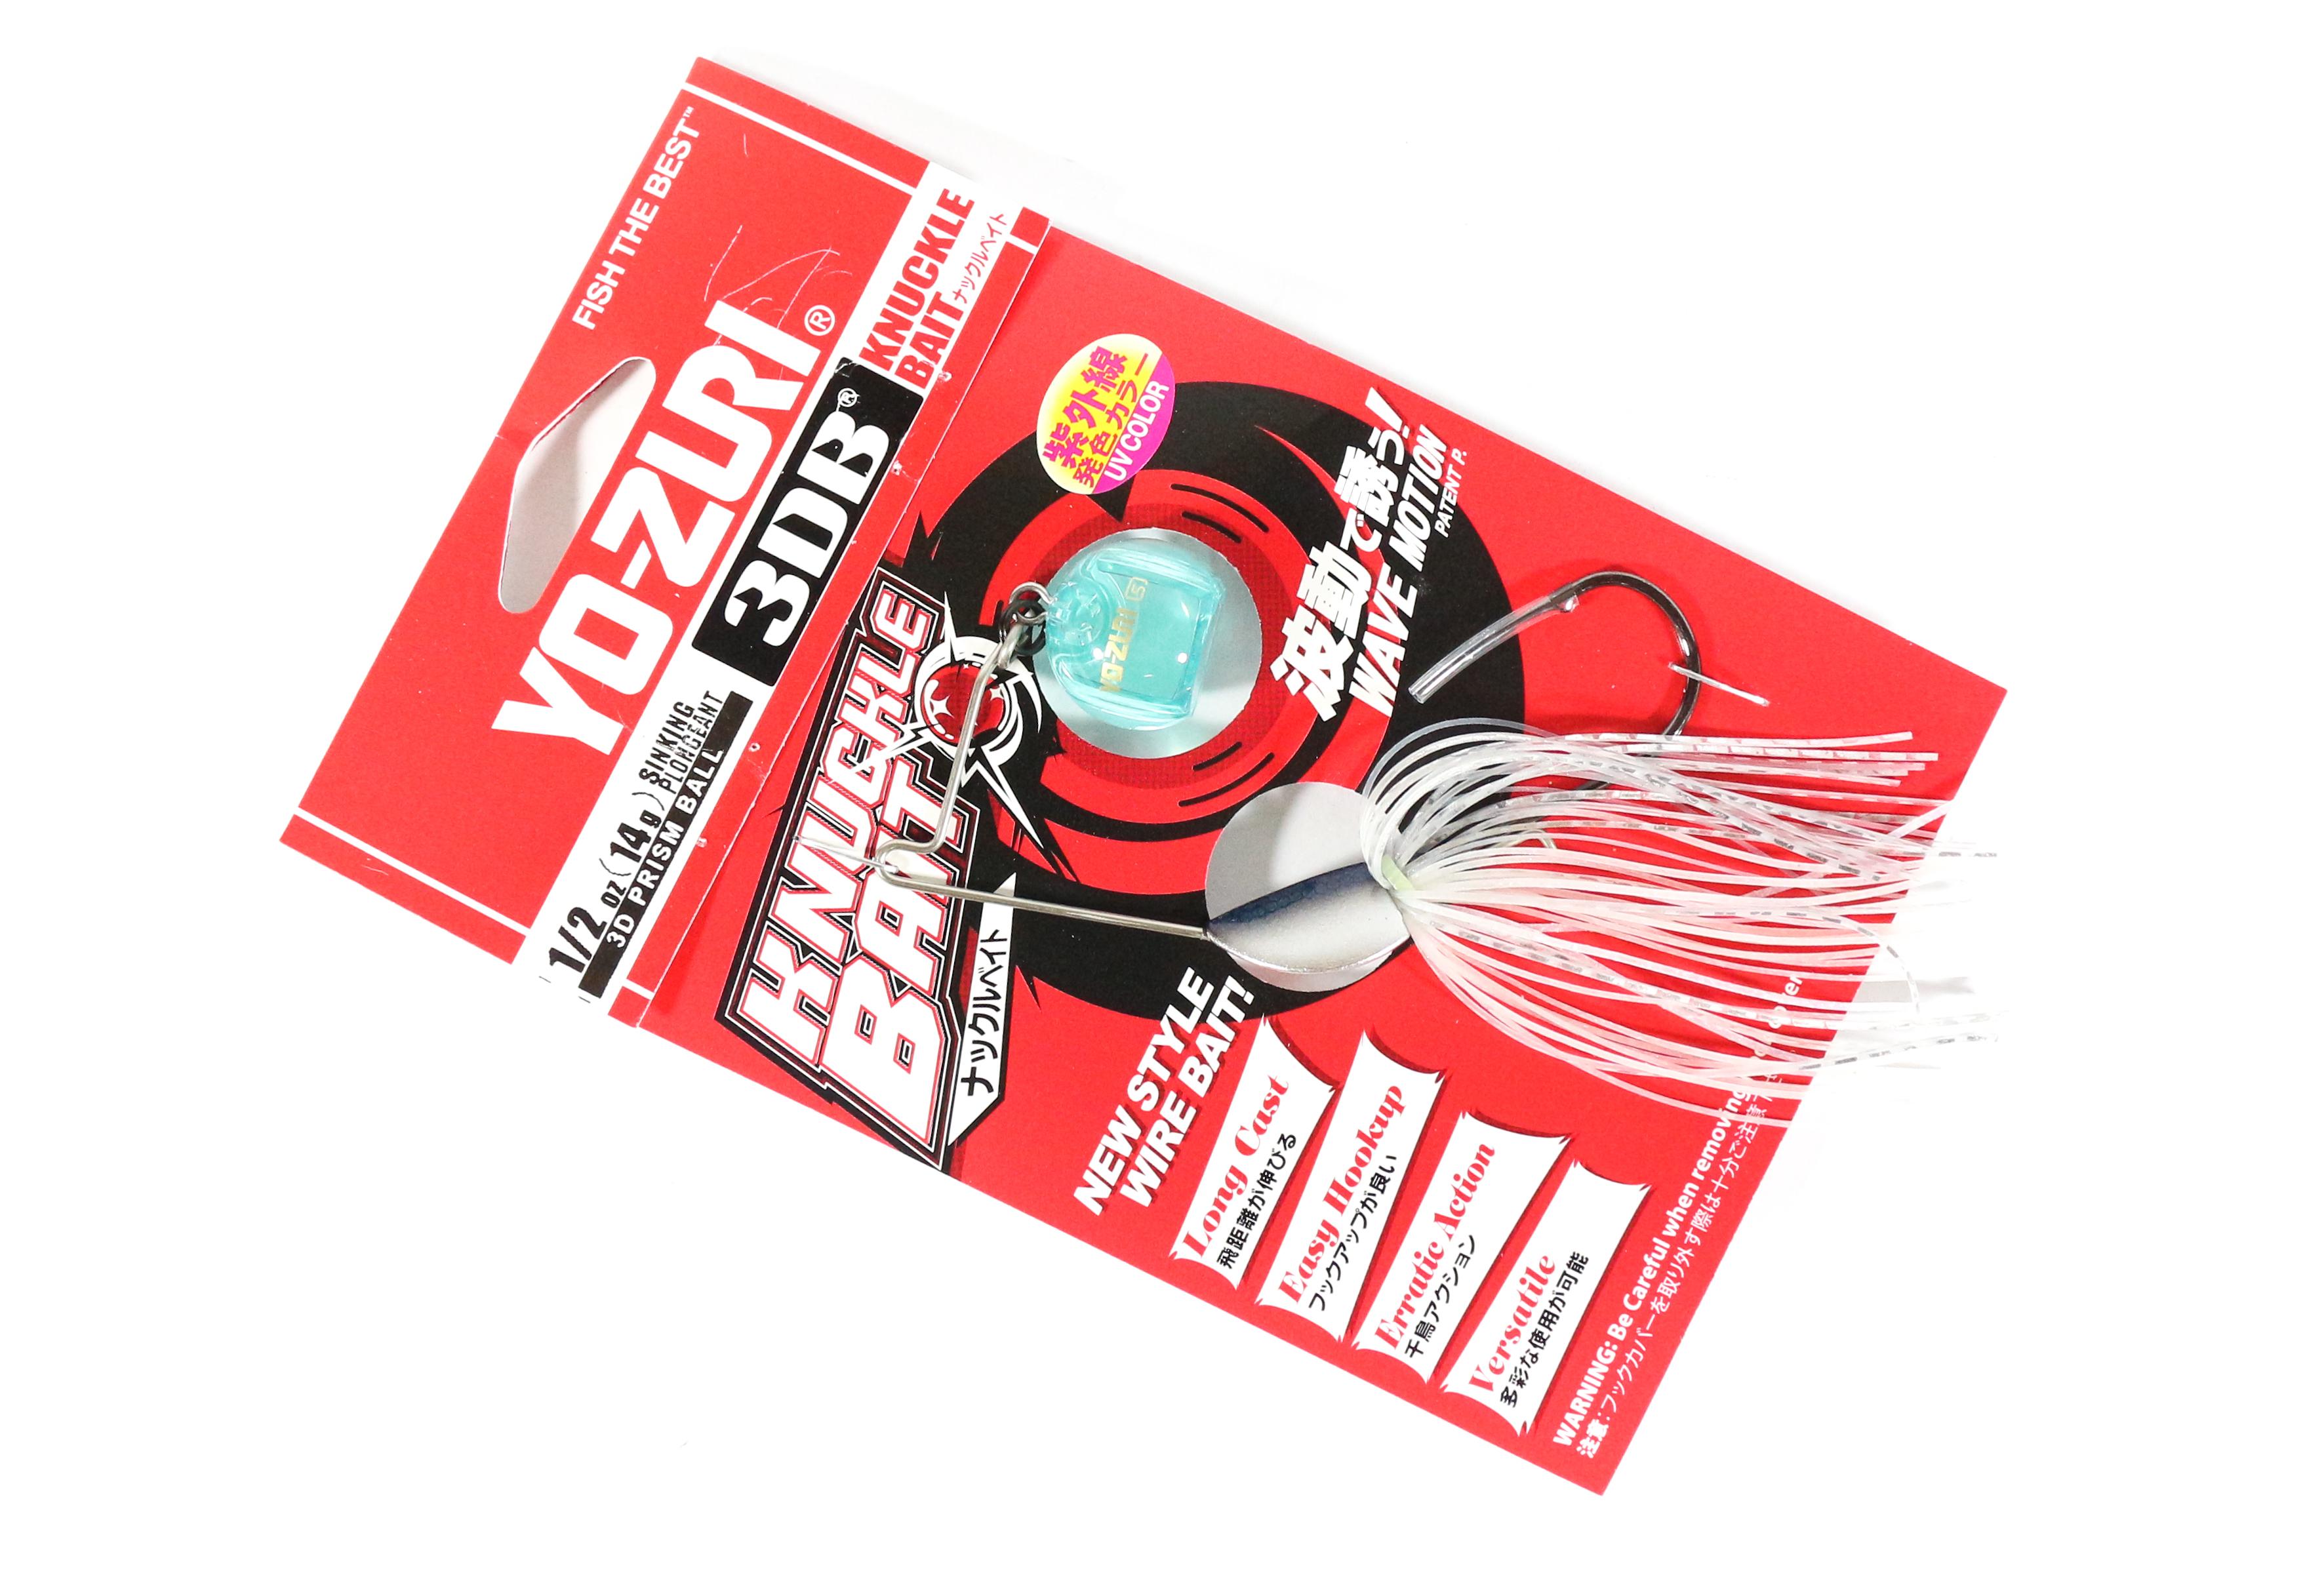 NEW 2018 Yo-Zuri 3DB Knuckle Bait Spinnerbait 1//2oz Shad R1302 SH 3DB